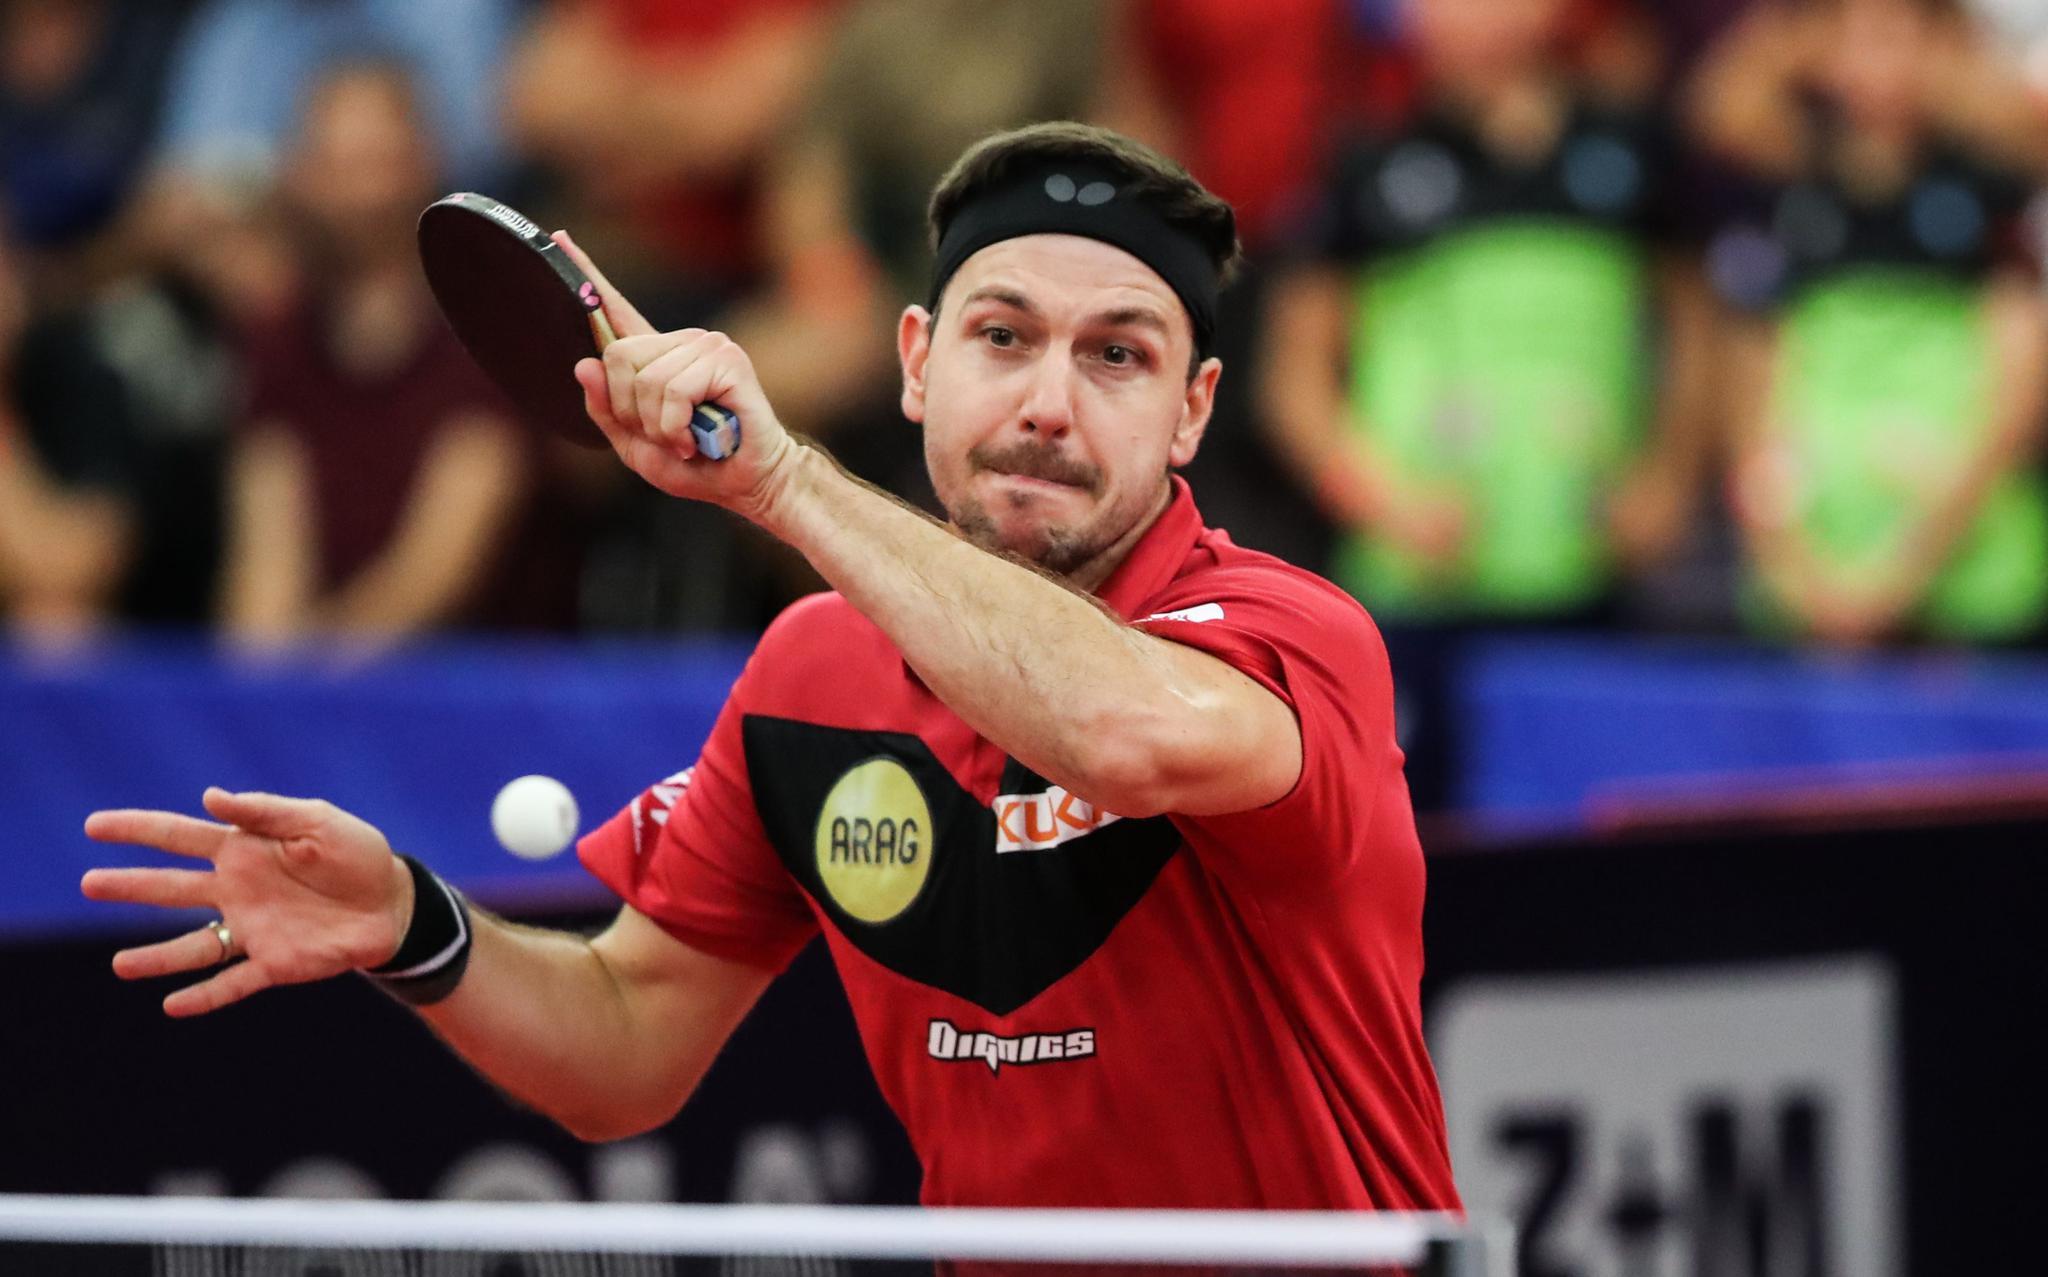 乒乓球——捷克公开赛:波尔晋级男单八强